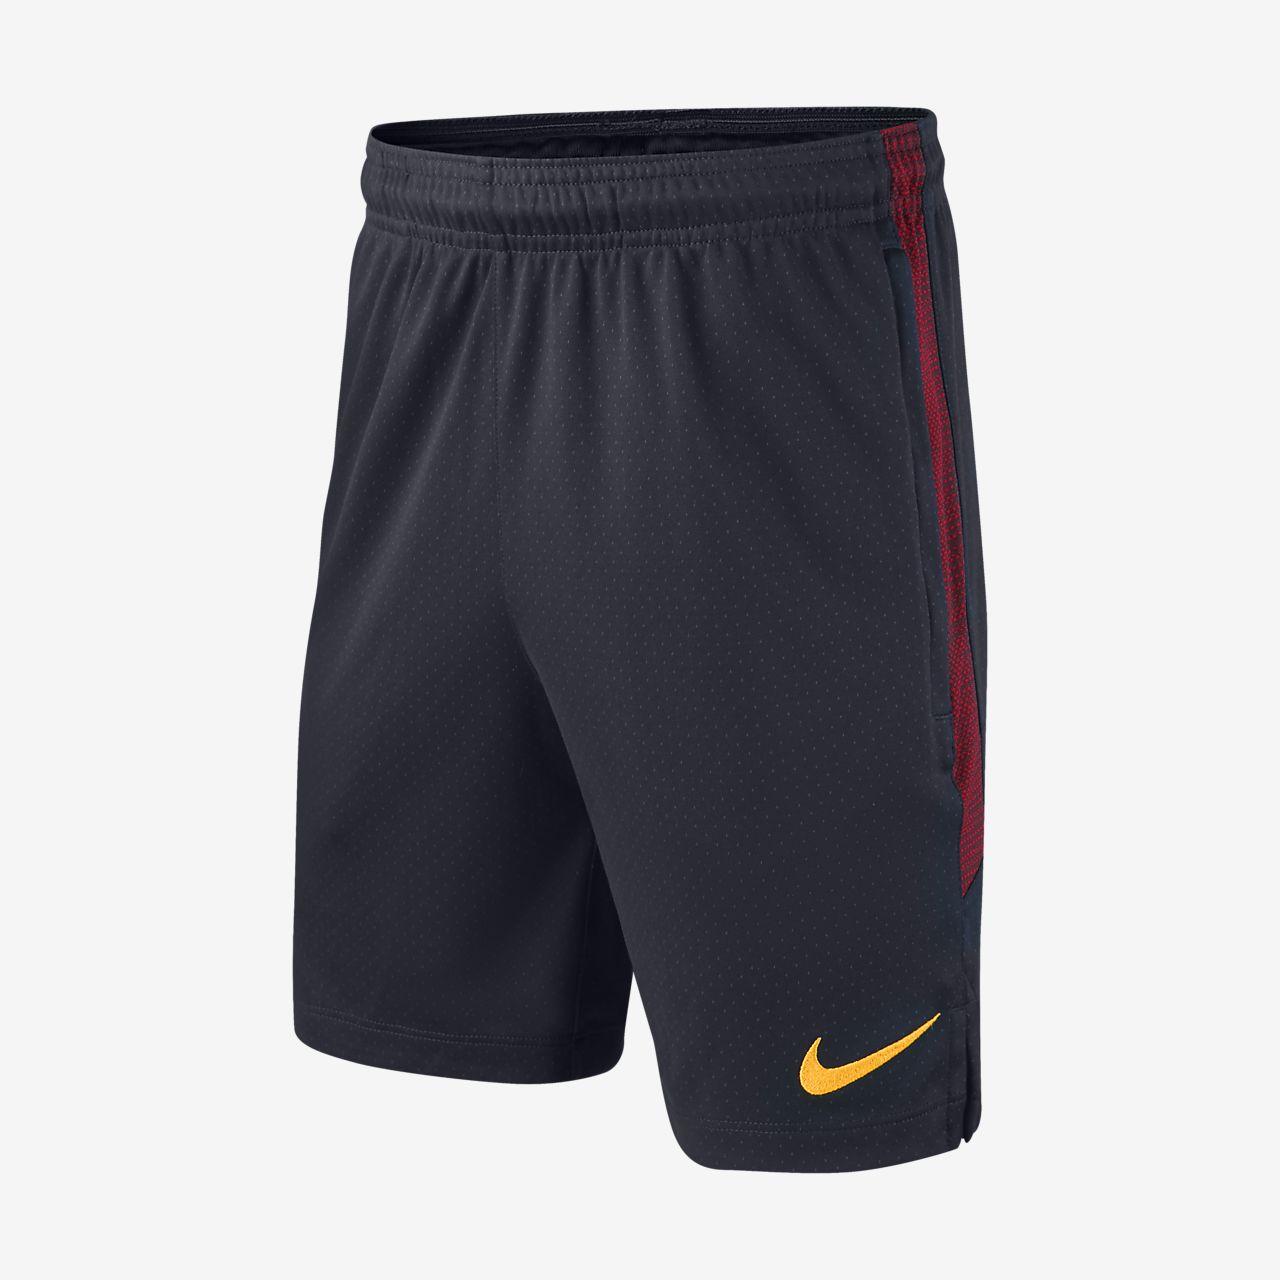 Nike Dri-FIT A.S. Roma Strike Voetbalshorts voor kids